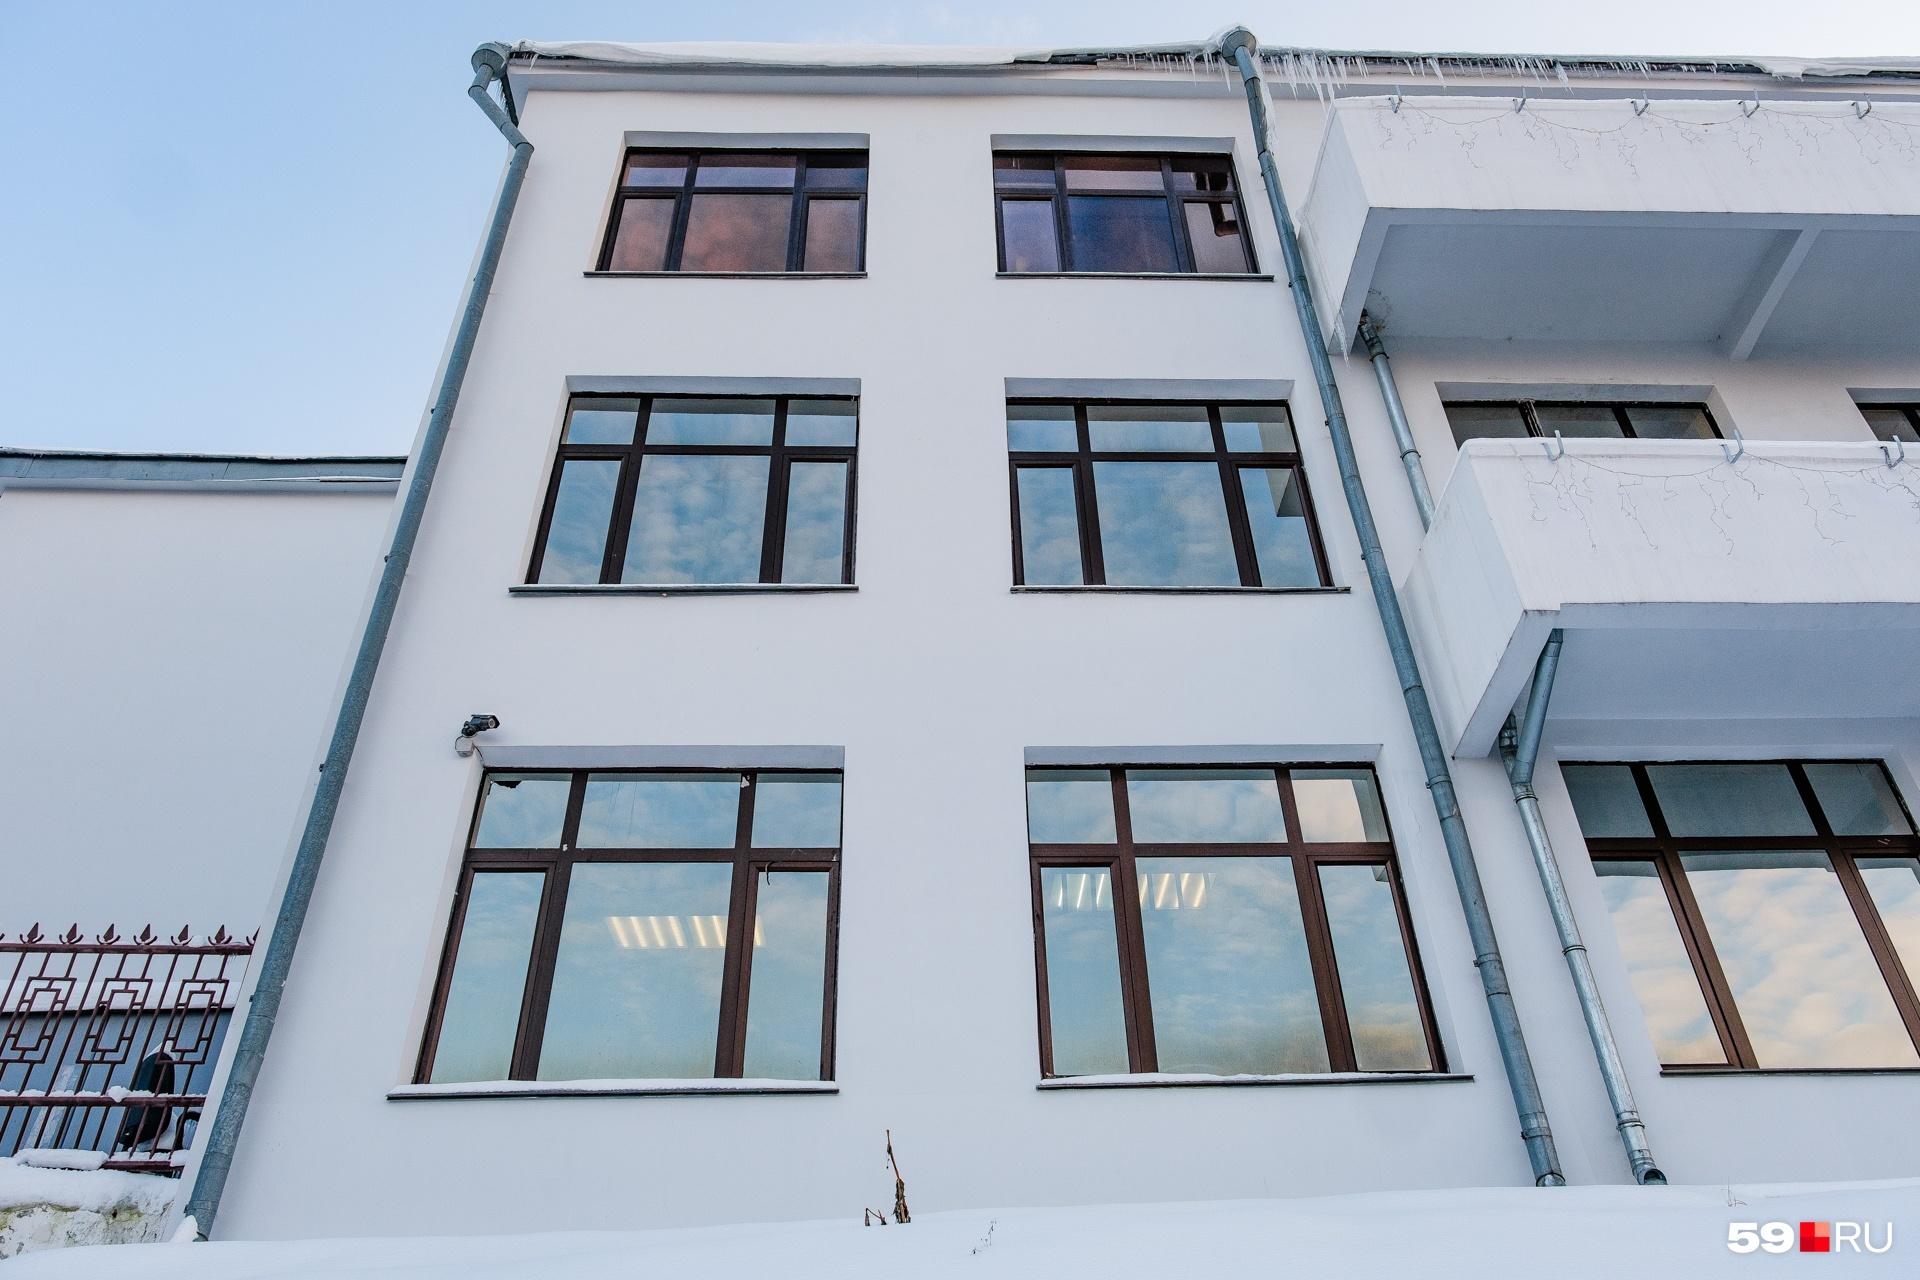 Окна на фасадах большие